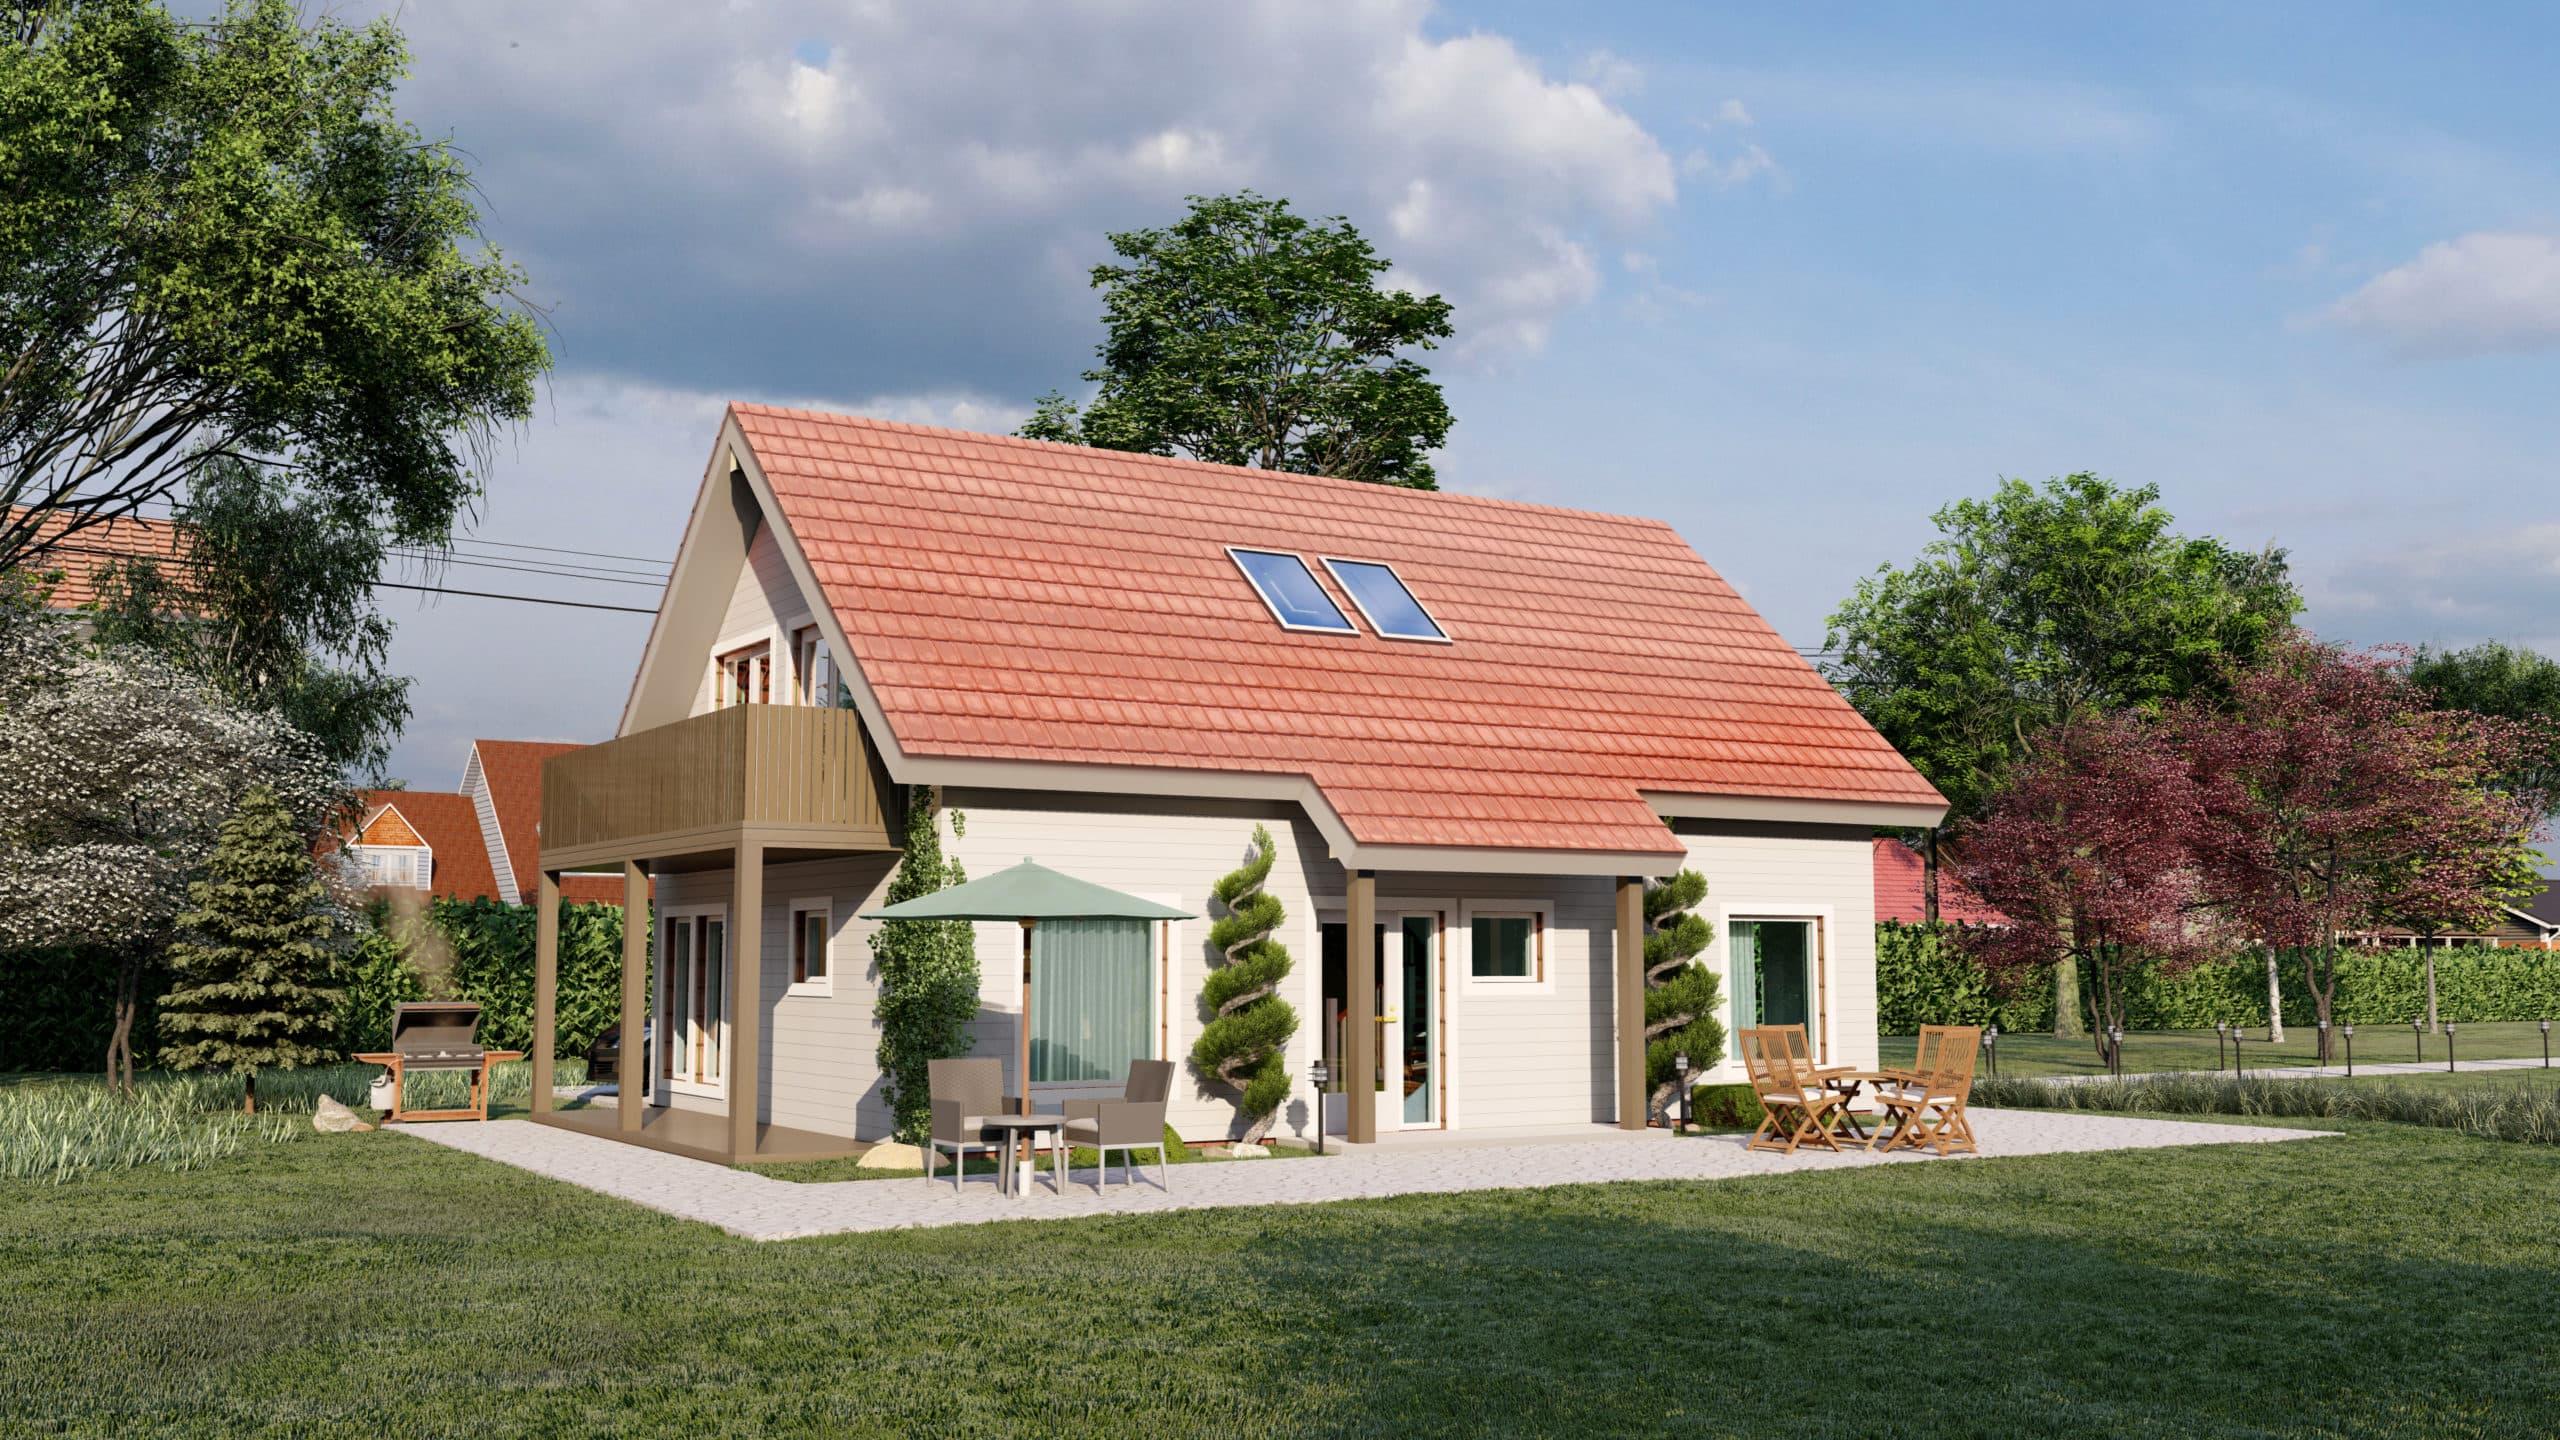 Maison en bois préfabriquée - 135m² - 5 chambres - balcon et terrasse - SAPIN